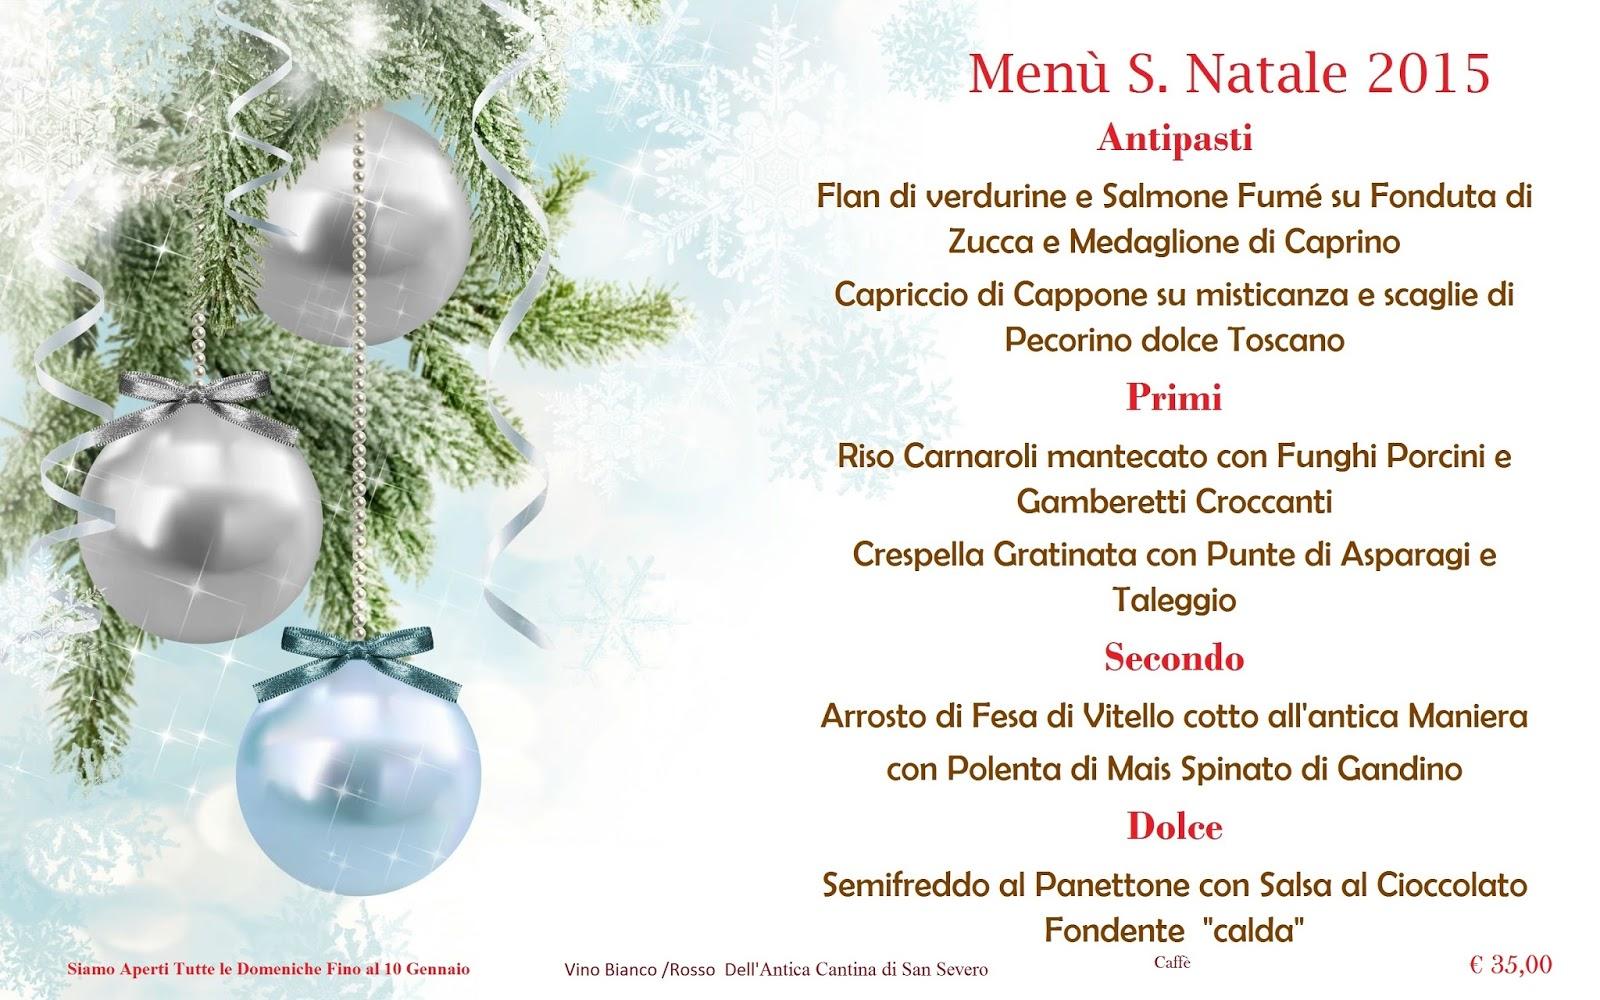 Menu Di Natale Bergamo.Ristorante Pasta E Basta Novembre 2015